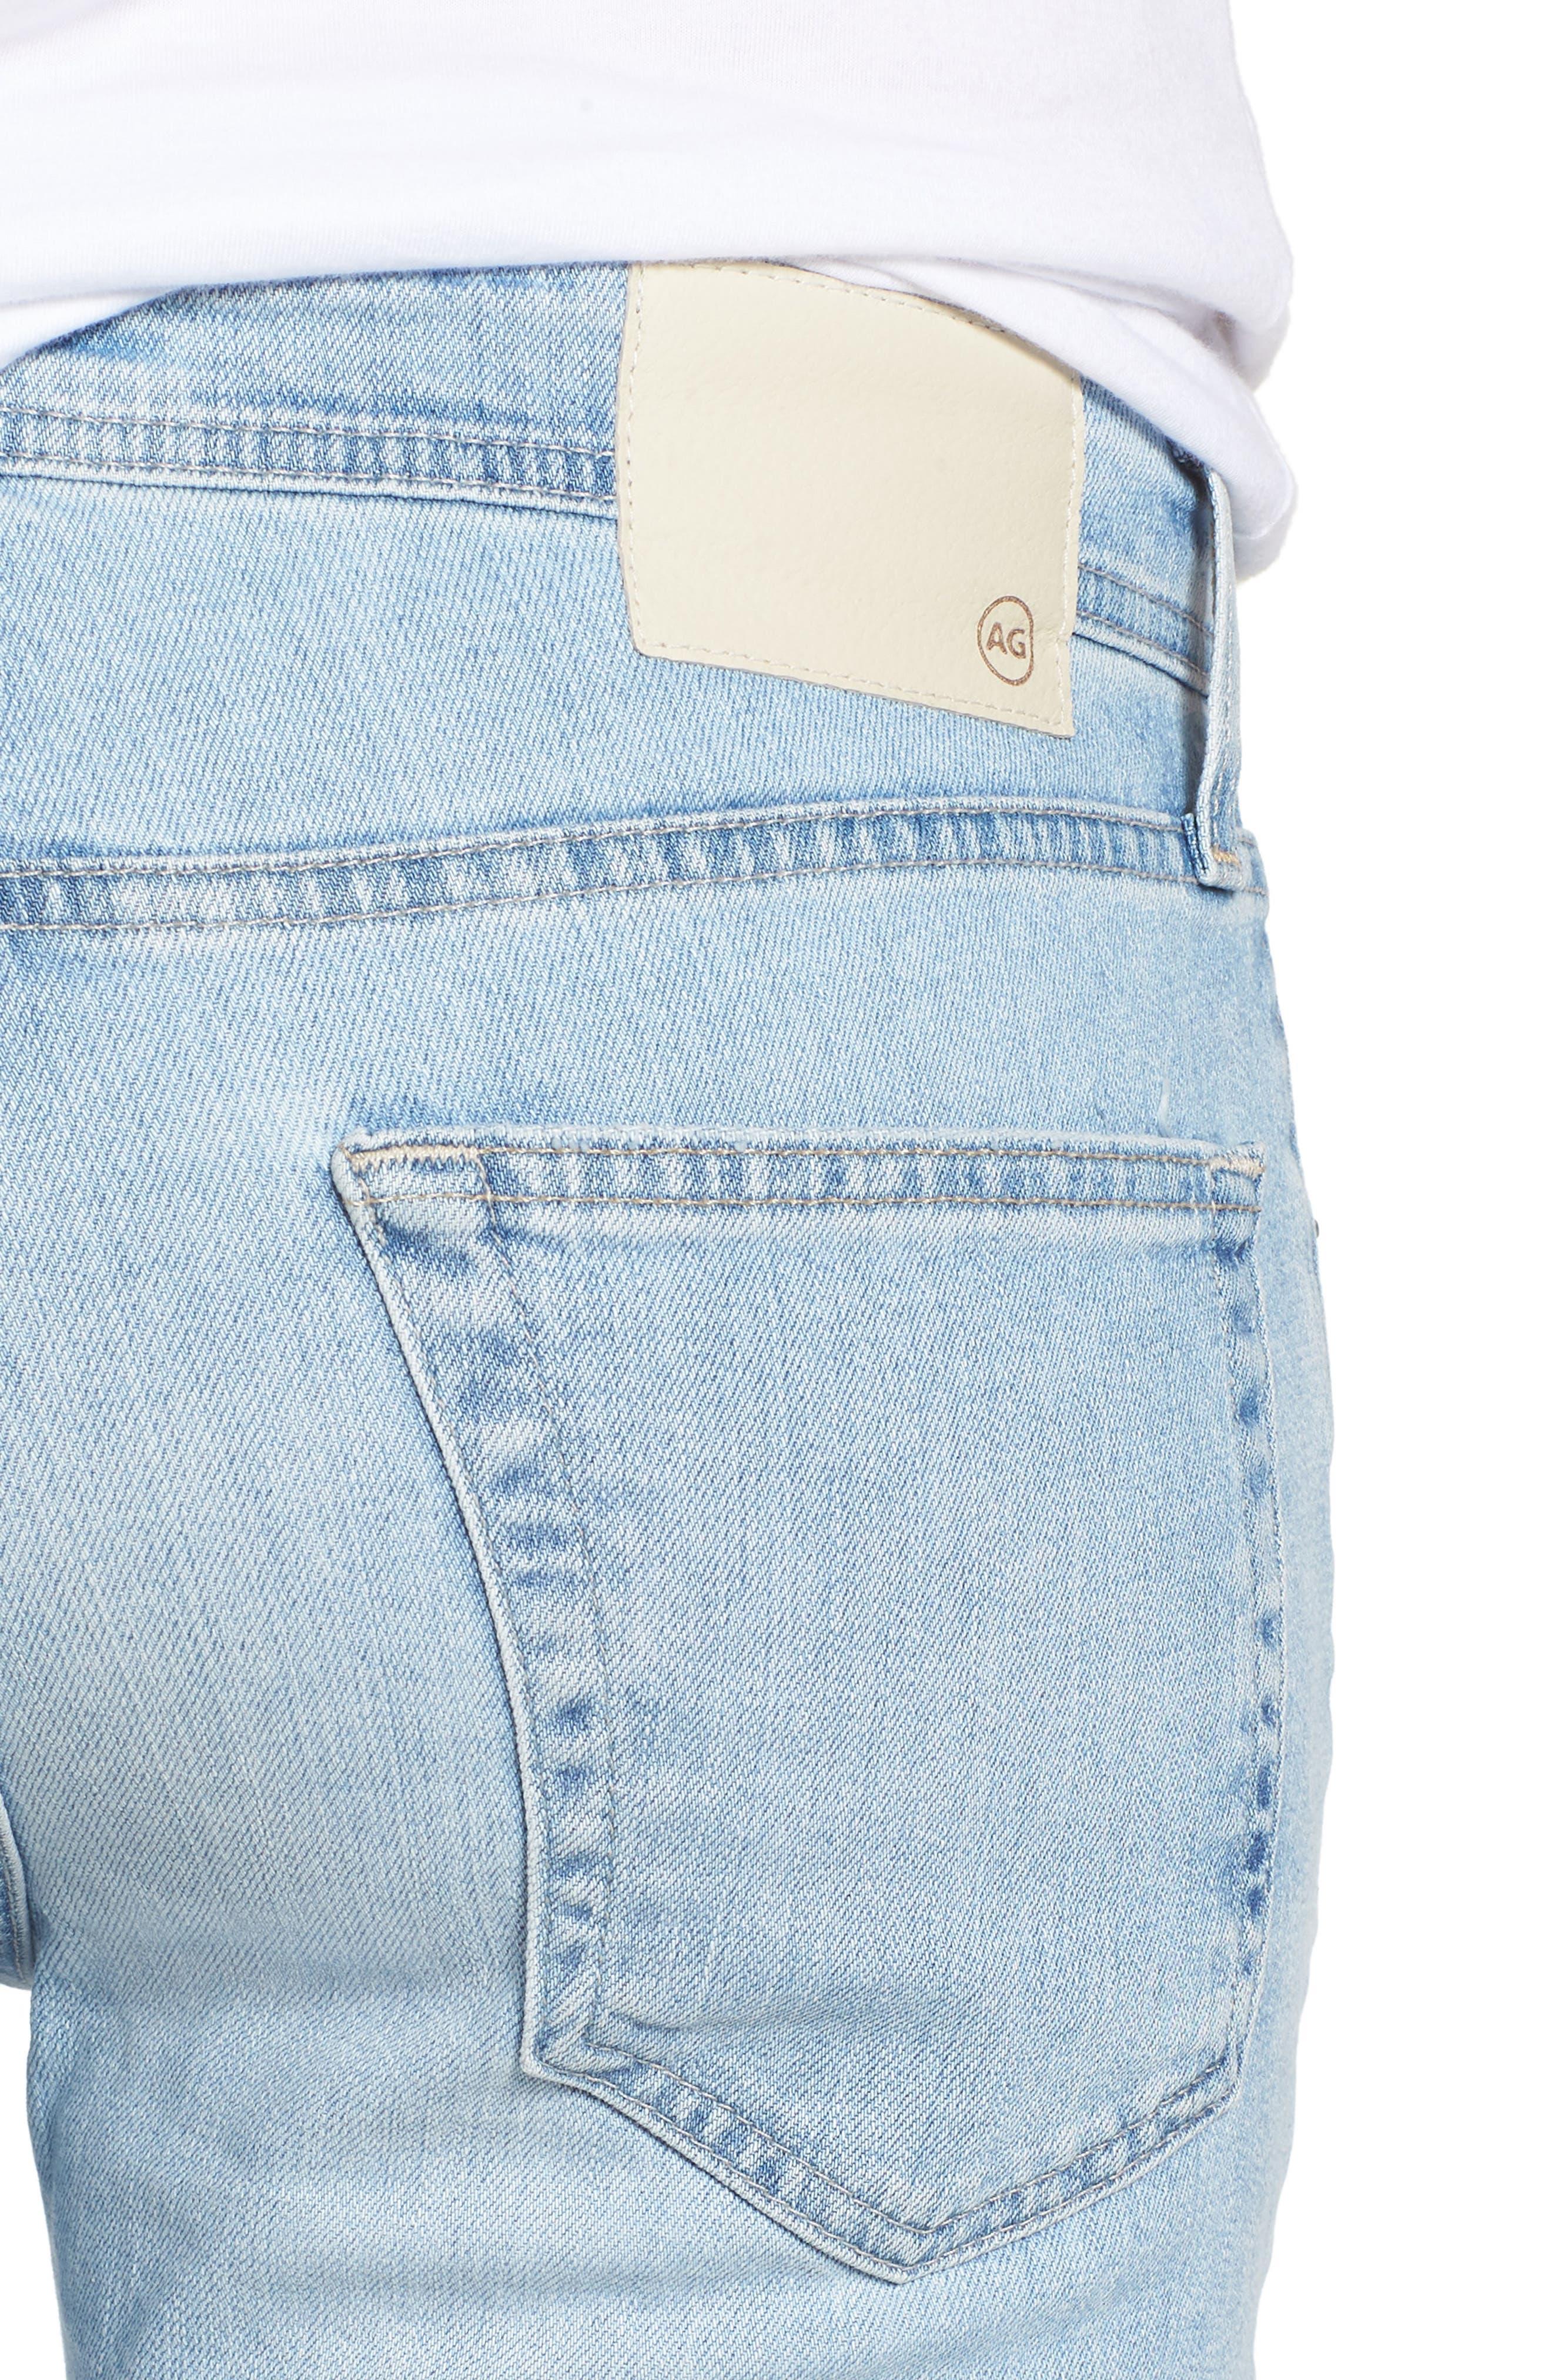 Stockton Skinny Fit Jeans,                             Alternate thumbnail 4, color,                             494